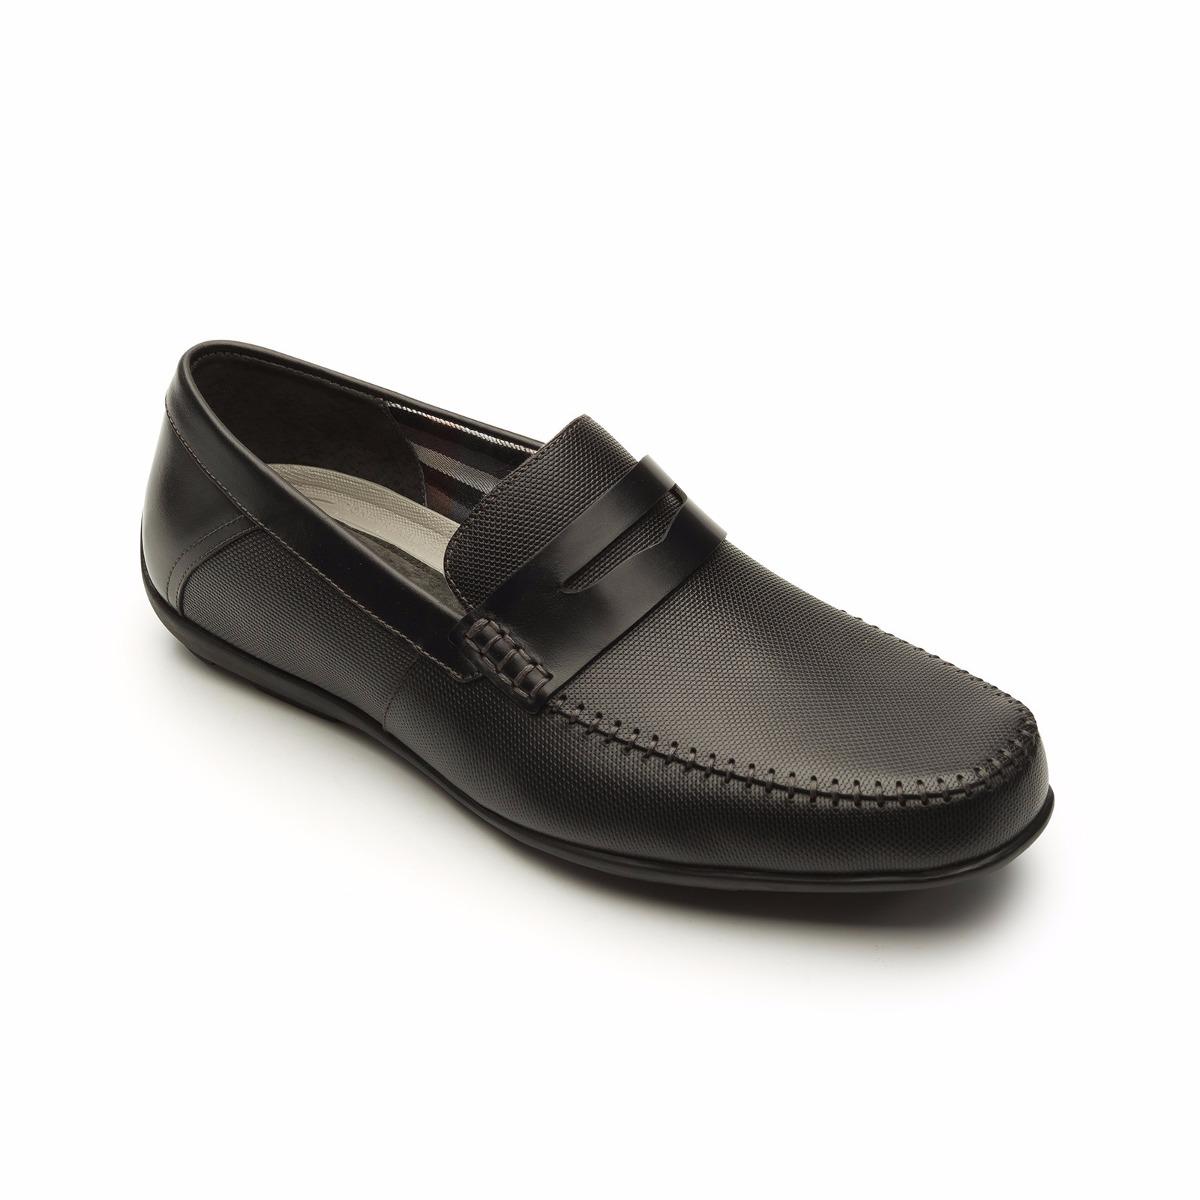 7793682e7d calzado zapato flexi 68607 negro casual vestir salir oficina. Cargando zoom.